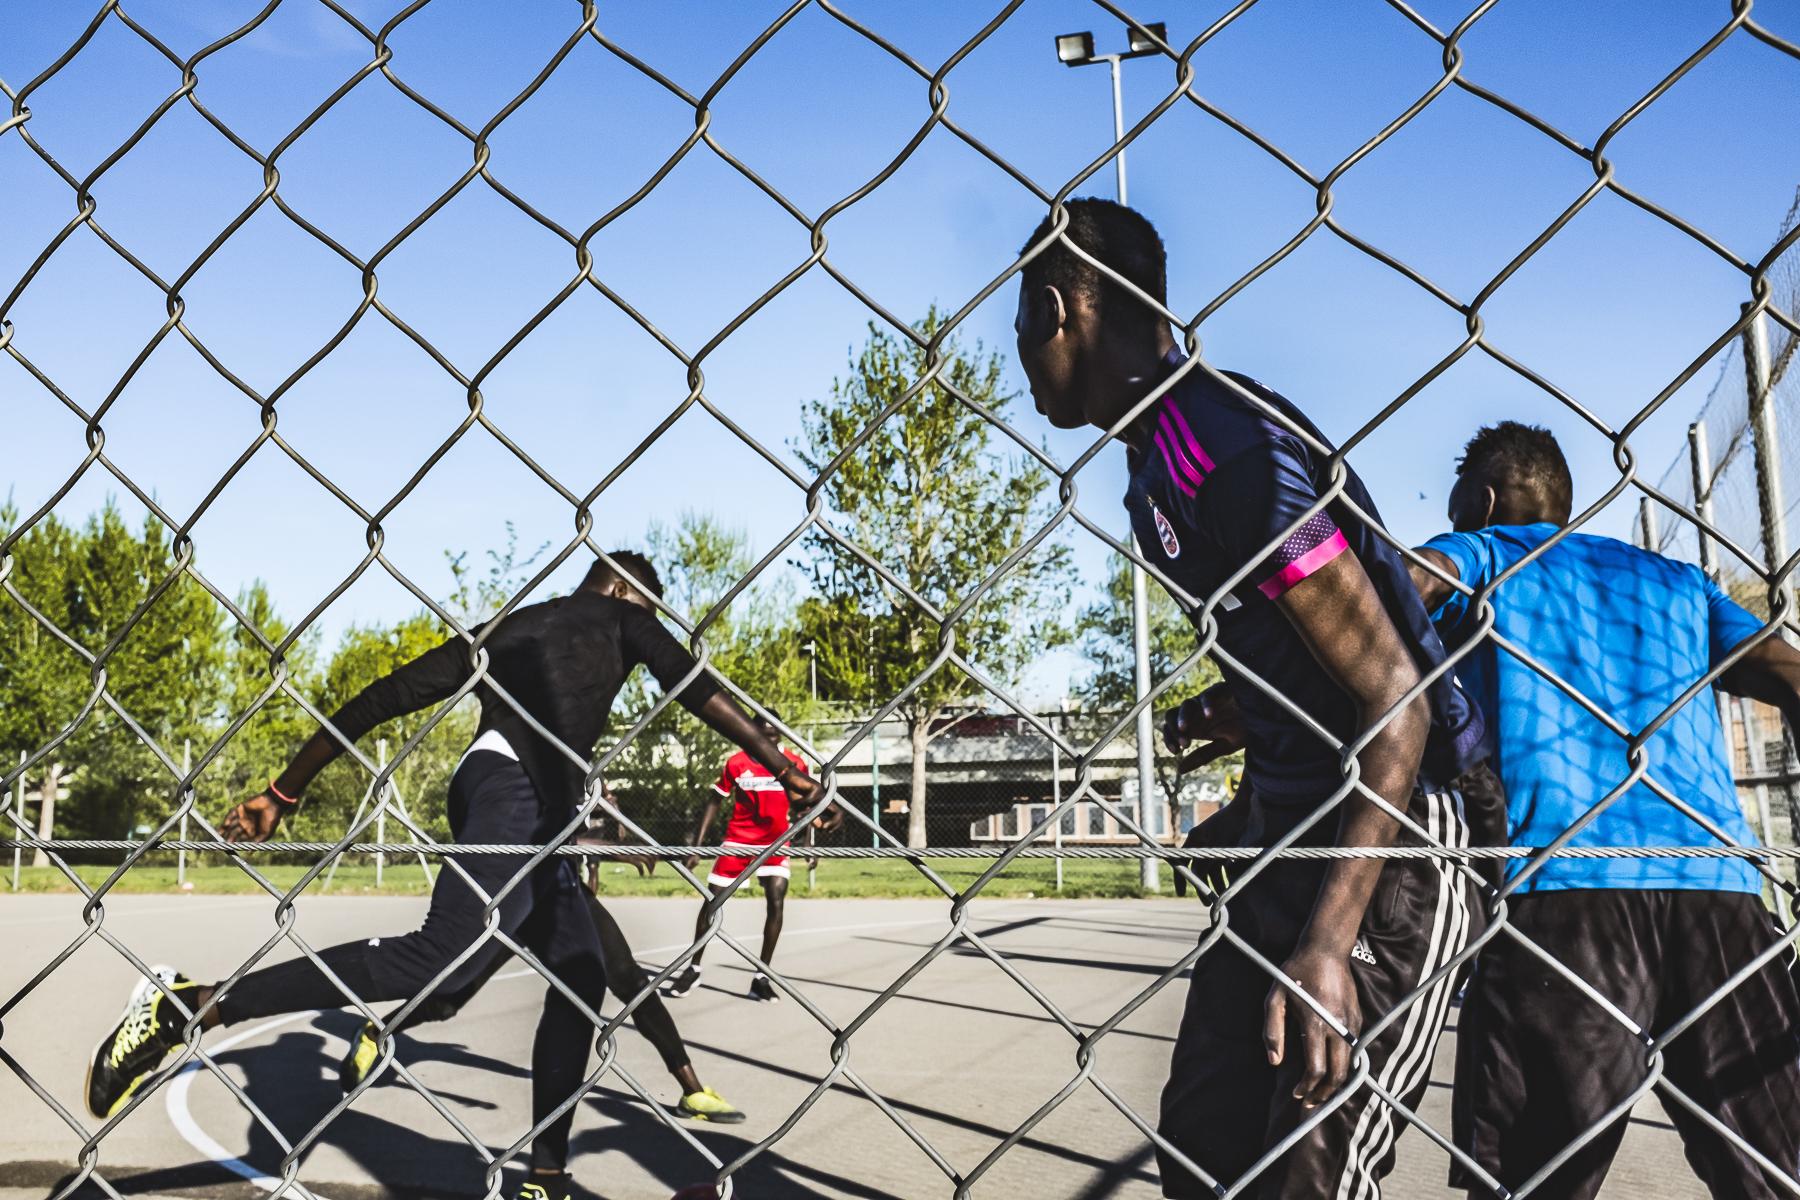 Chicos jugando al futbol en la Almozara Zaragoza